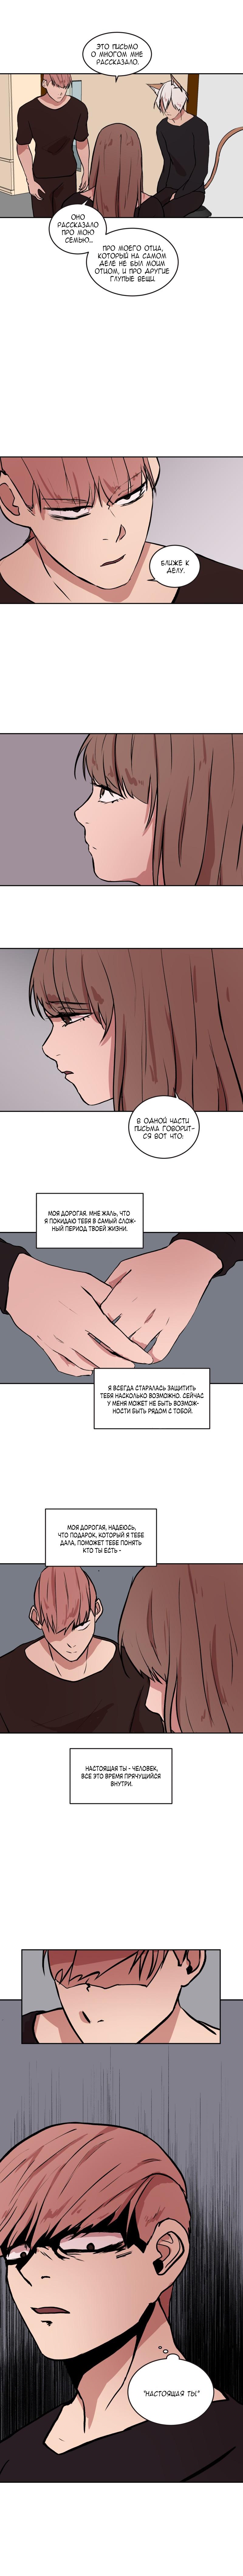 https://r2.ninemanga.com/comics/pic3/58/31802/1295879/1546485270537.png Page 4